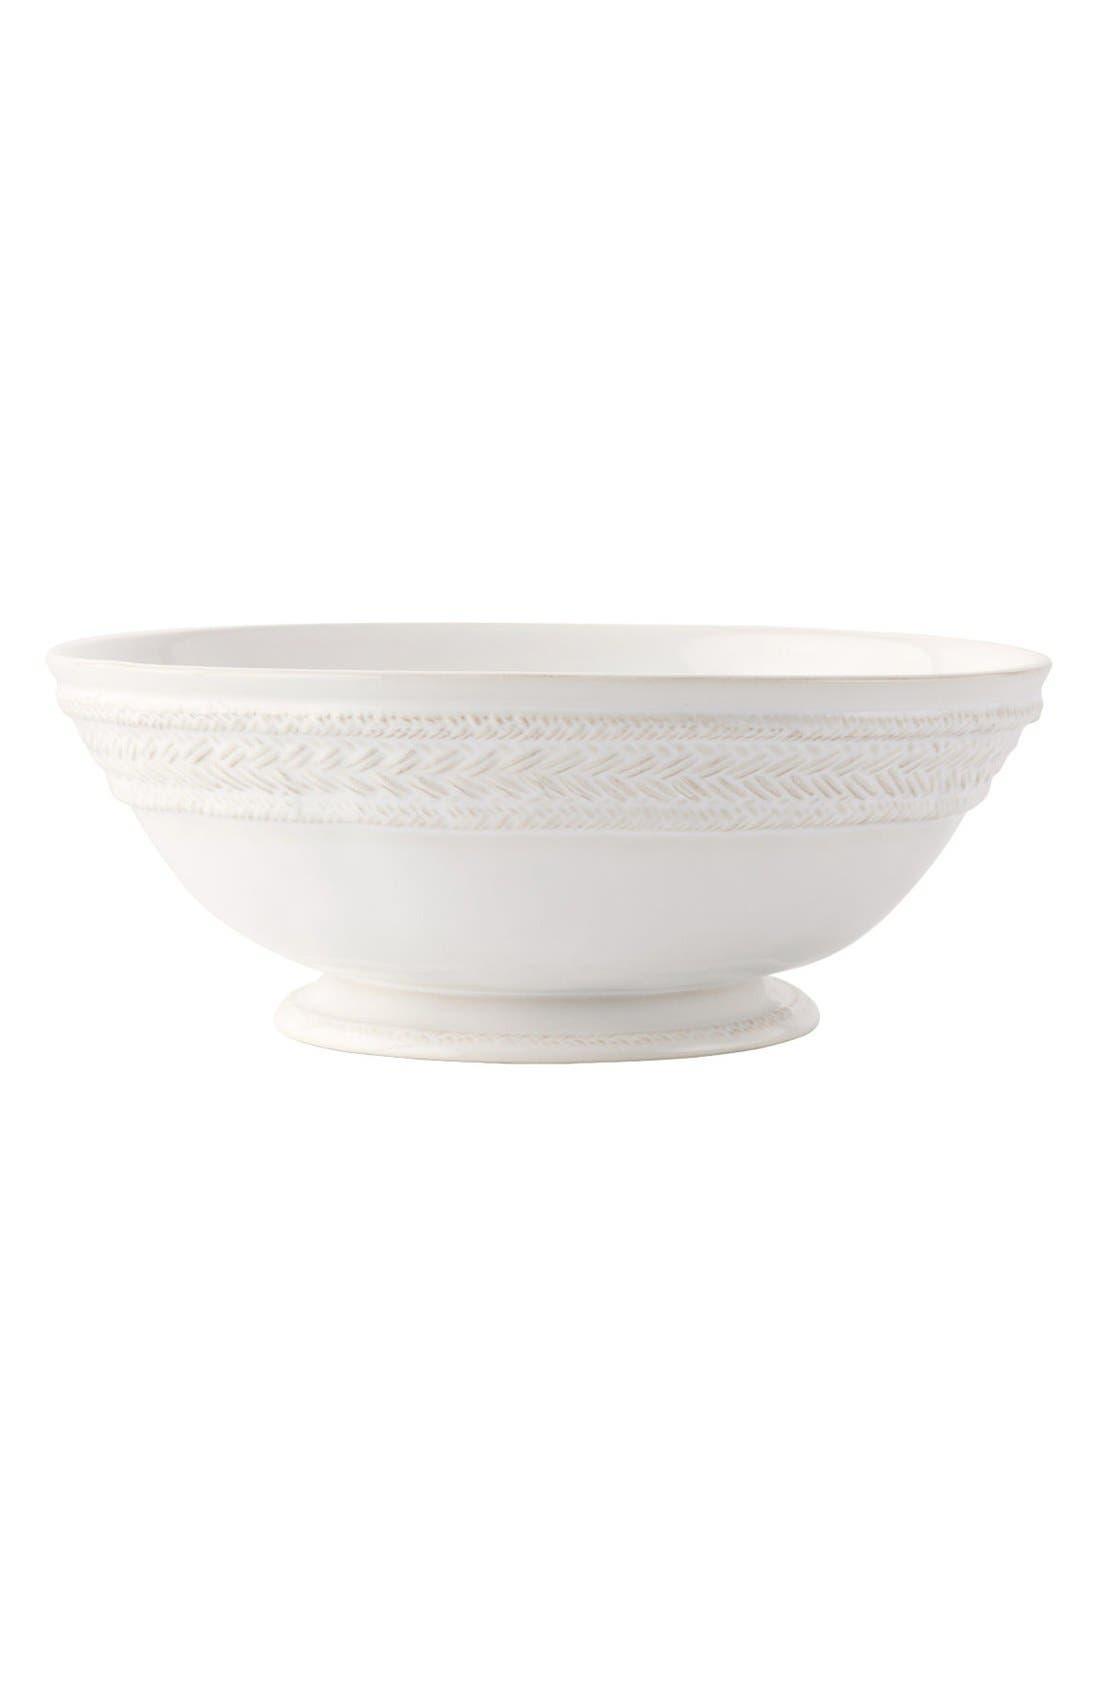 Le Panier Ceramic Fruit Bowl,                         Main,                         color, White